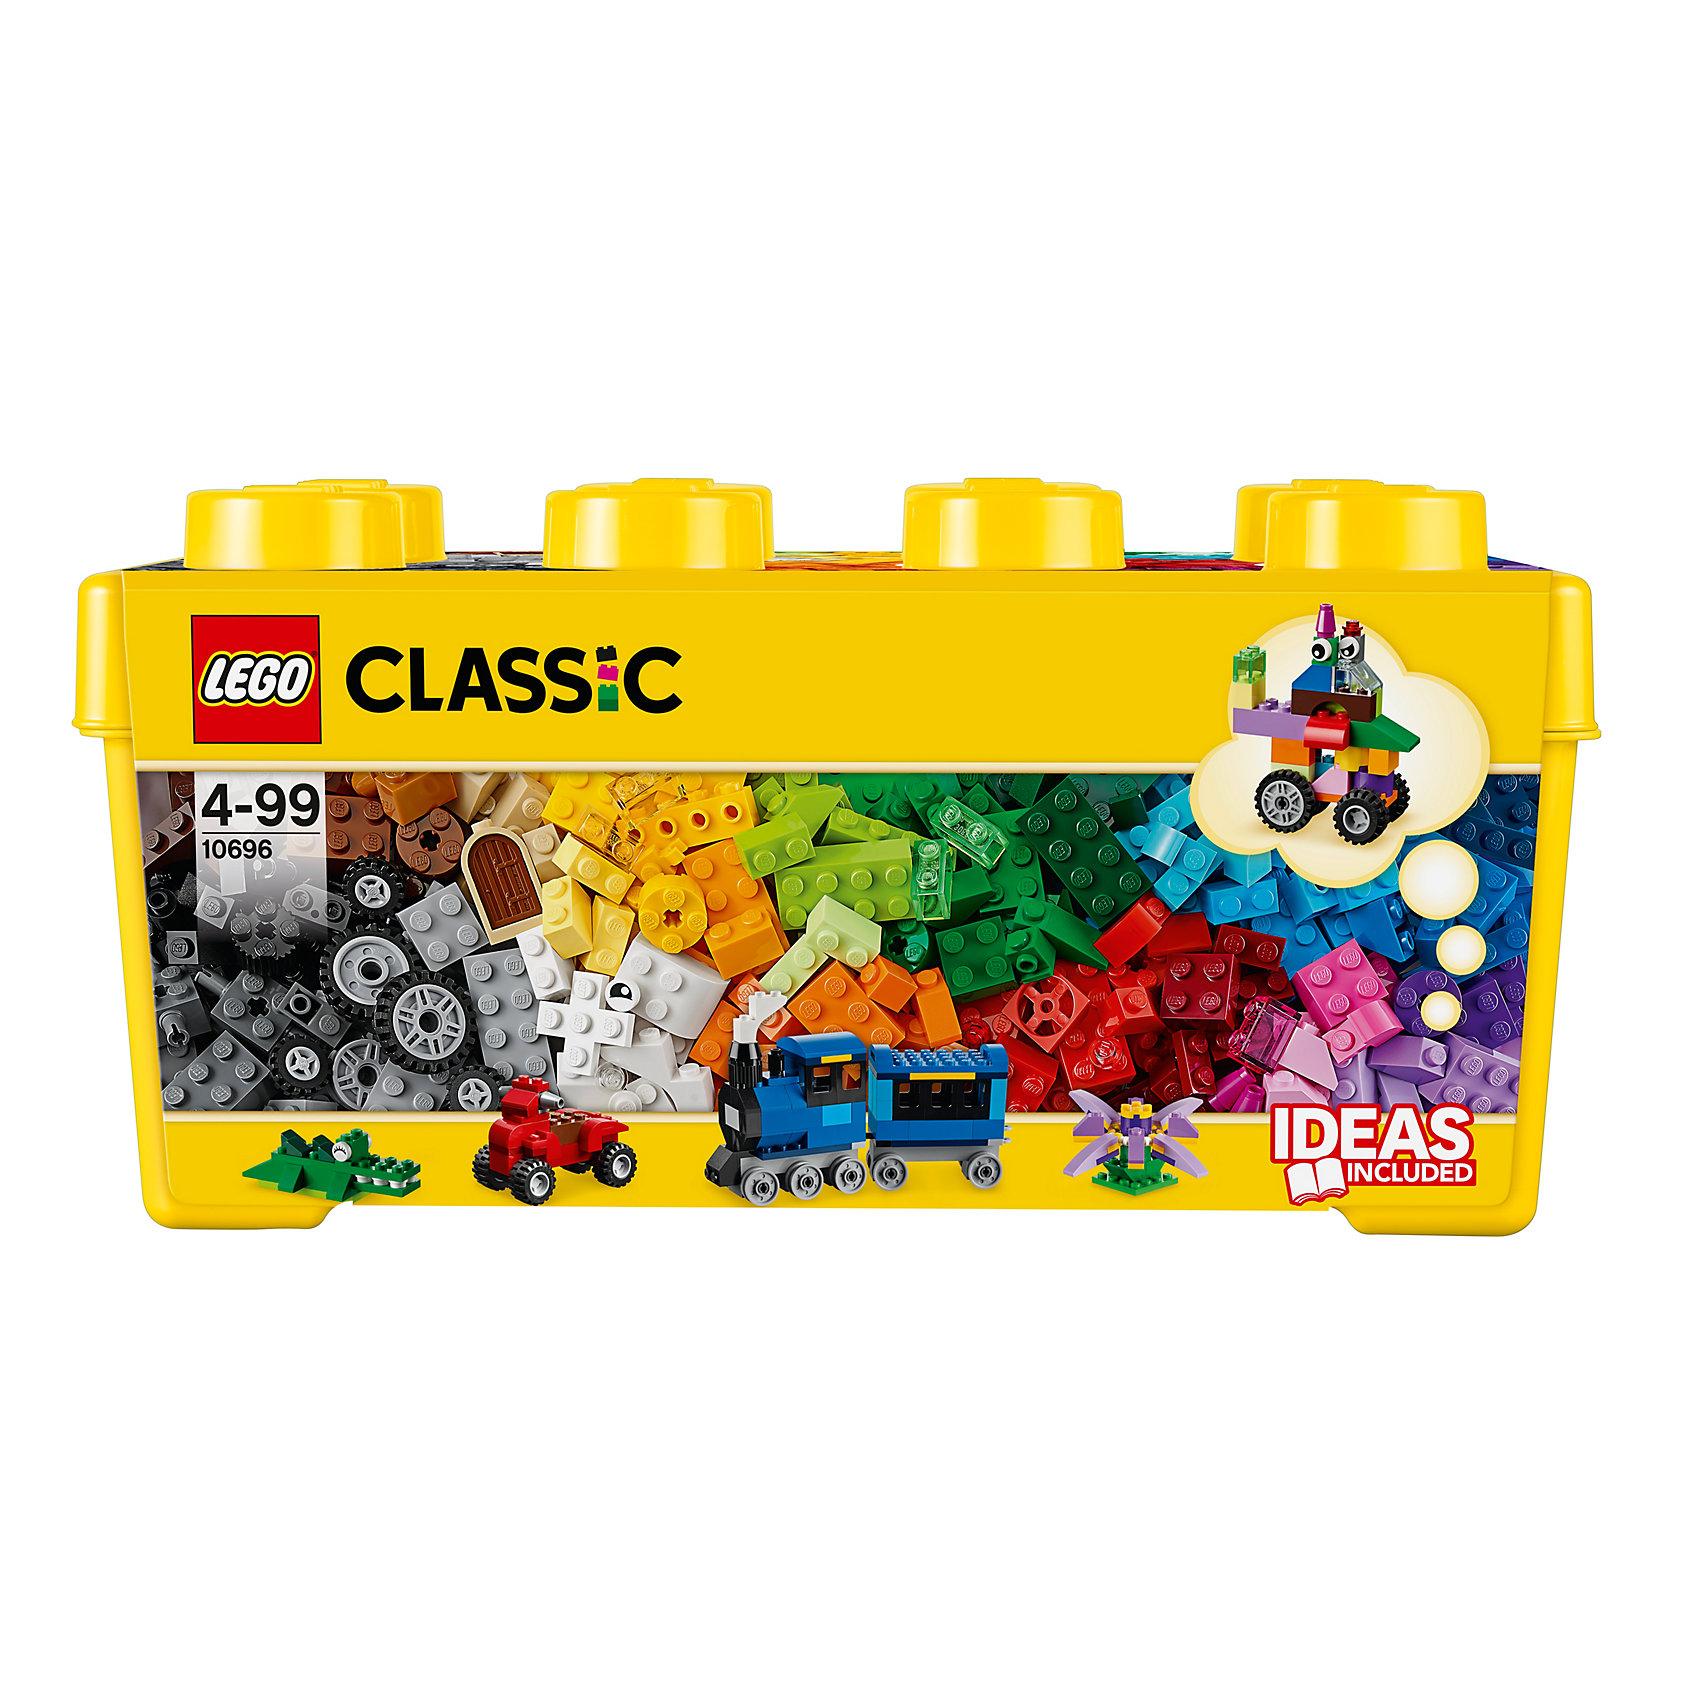 LEGO  10696: Набор для творчества среднего размераТостер, поезд, привидение... Окунитесь с головой в этот набор кубиков LEGO и дайте волю своему воображению! Бесконечные возможности для сборки из классических кубиков 35 разных цветов и специальных деталей, включая двери, окна, колеса, глаза, пропеллеры и отделитель кубиков. Если вы не знаете, с чего начать, вам помогут инструкции с идеями дизайнеров, от которых можно оттолкнуться. <br><br>Наборы для творчества LEGO (ЛЕГО)  идеальны для начинающих строителей всех возрастов. Они также дополнят любую имеющуюся коллекцию LEGO. Набор упакован в удобную пластиковую коробку. <br><br>Дополнительная информация:<br><br>- Конструкторы ЛЕГО развивают усидчивость, внимание, фантазию и мелкую моторику. <br>- Комплектация: кубики, двери, окна, колеса, глаза, пропеллеры, отделитель кубиков.<br>- Количество деталей: 484 шт.<br>- Серия ЛЕГО (LEGO) Наборы для творчества.<br>- Материал: пластик.<br>- Размер упаковки: 37х18х18 см.<br>- Вес: 1,239 кг<br><br>LEGO  10696: Набор для творчества среднего размера можно купить в нашем магазине.<br><br>Ширина мм: 364<br>Глубина мм: 182<br>Высота мм: 177<br>Вес г: 1026<br>Возраст от месяцев: 48<br>Возраст до месяцев: 144<br>Пол: Унисекс<br>Возраст: Детский<br>SKU: 3786106